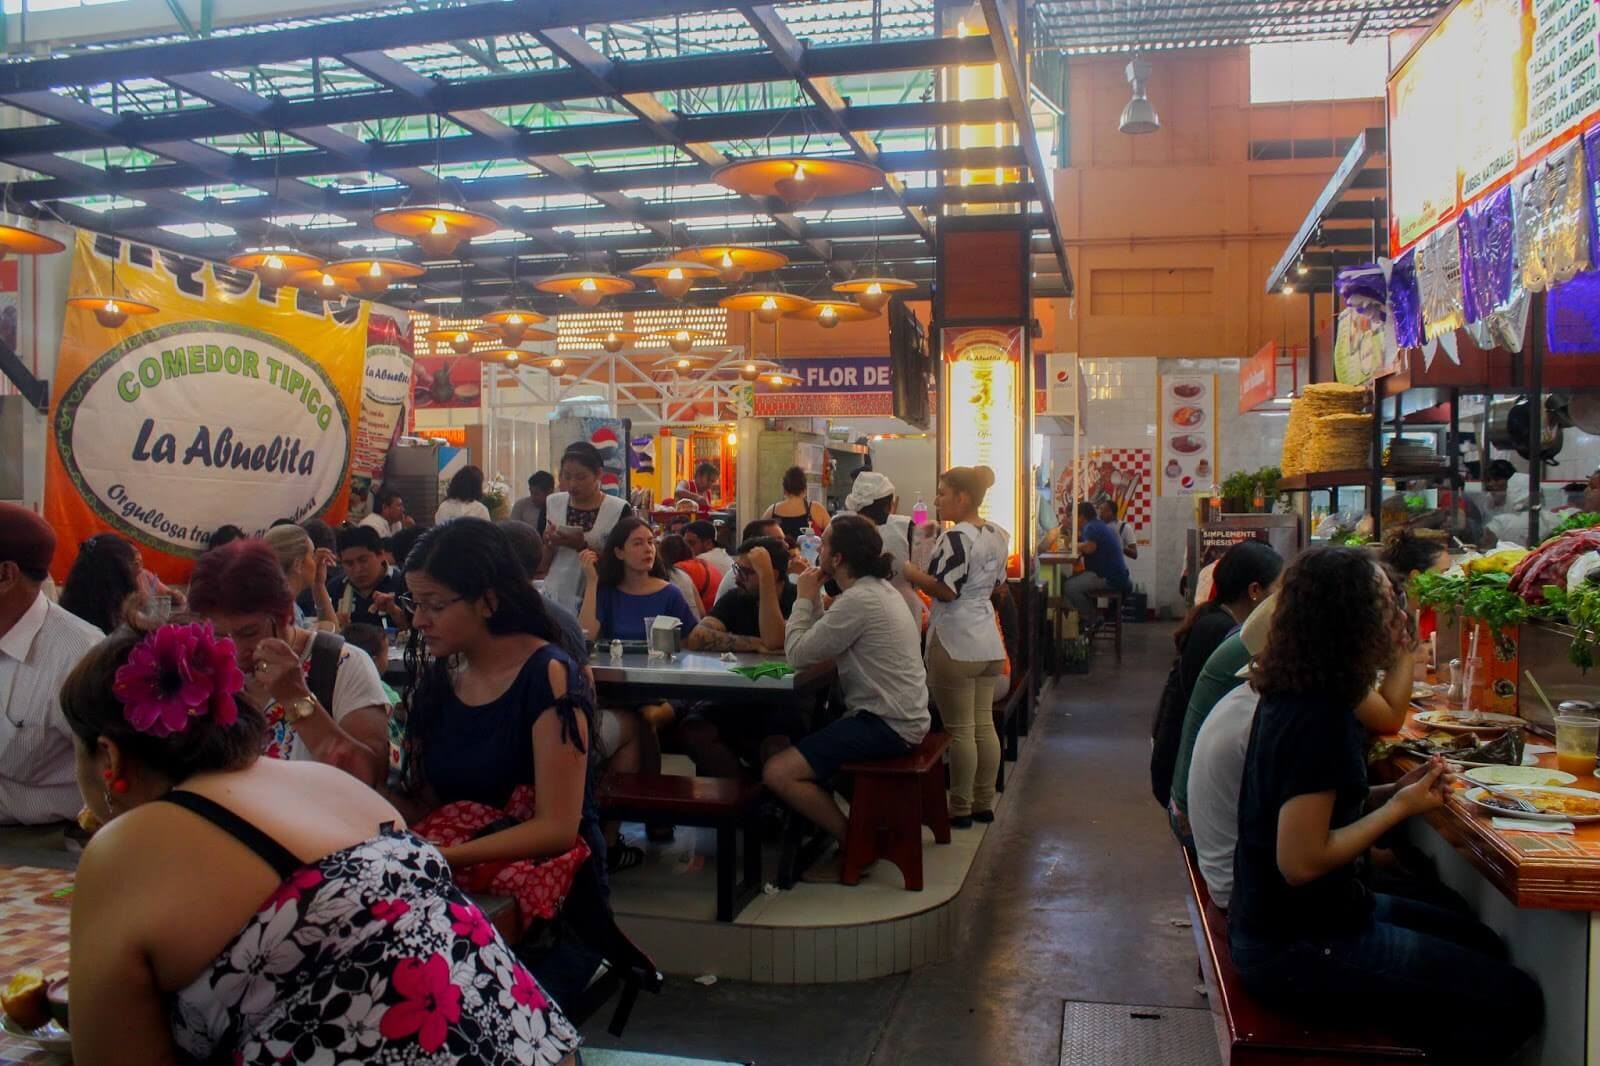 El mercado 20 de noviembre, tradicional de Oaxaca.